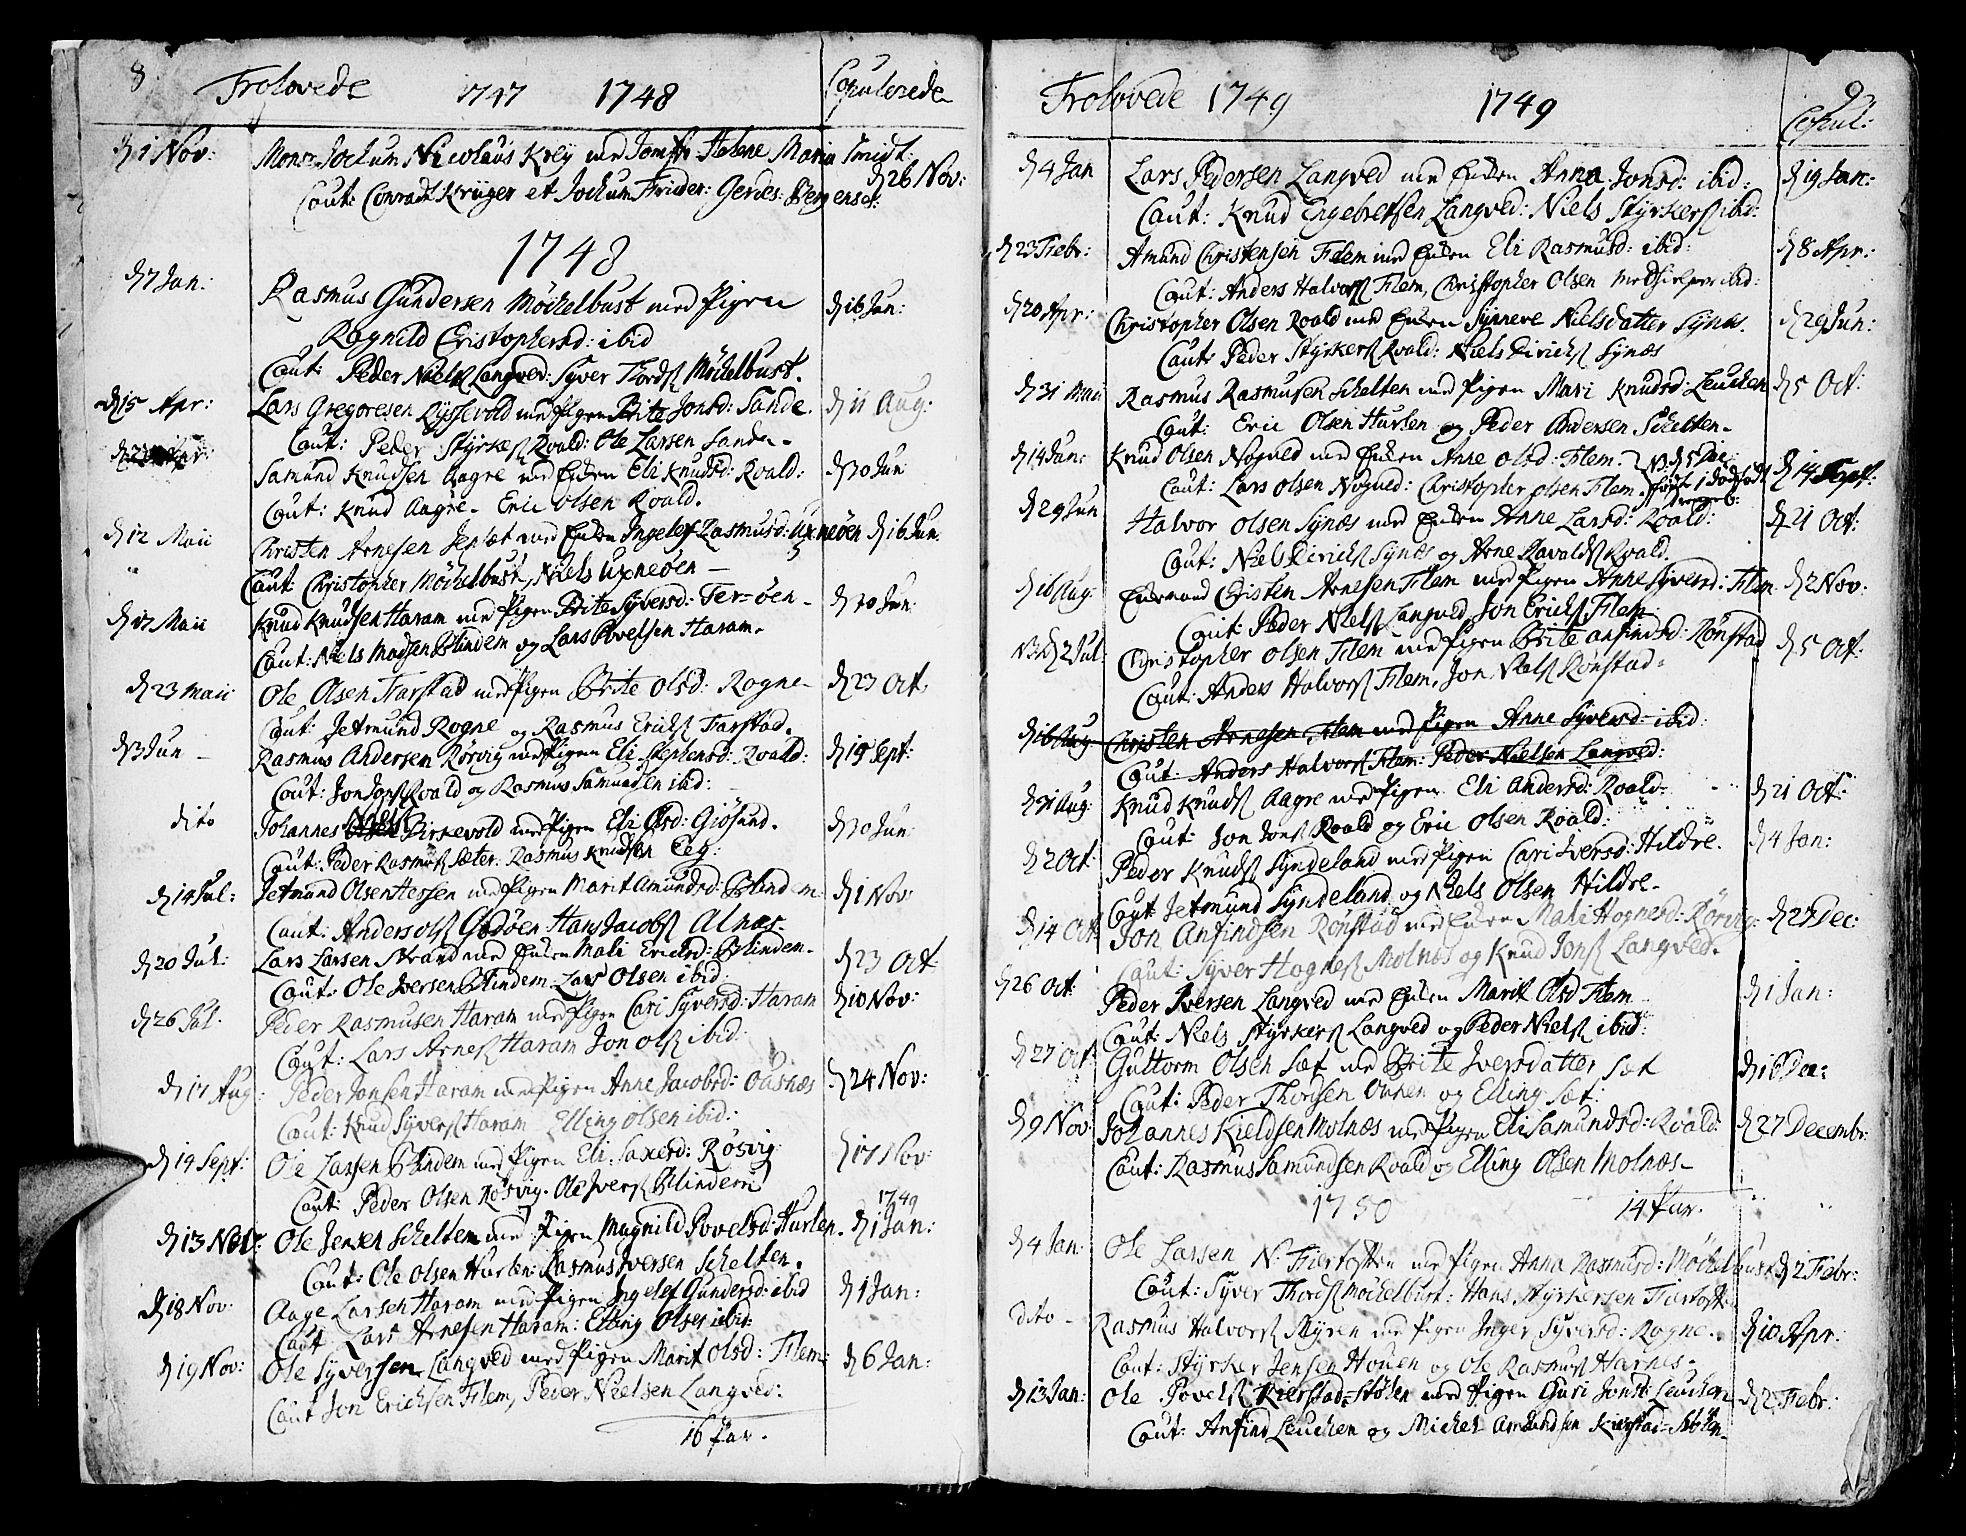 SAT, Ministerialprotokoller, klokkerbøker og fødselsregistre - Møre og Romsdal, 536/L0493: Ministerialbok nr. 536A02, 1739-1802, s. 8-9